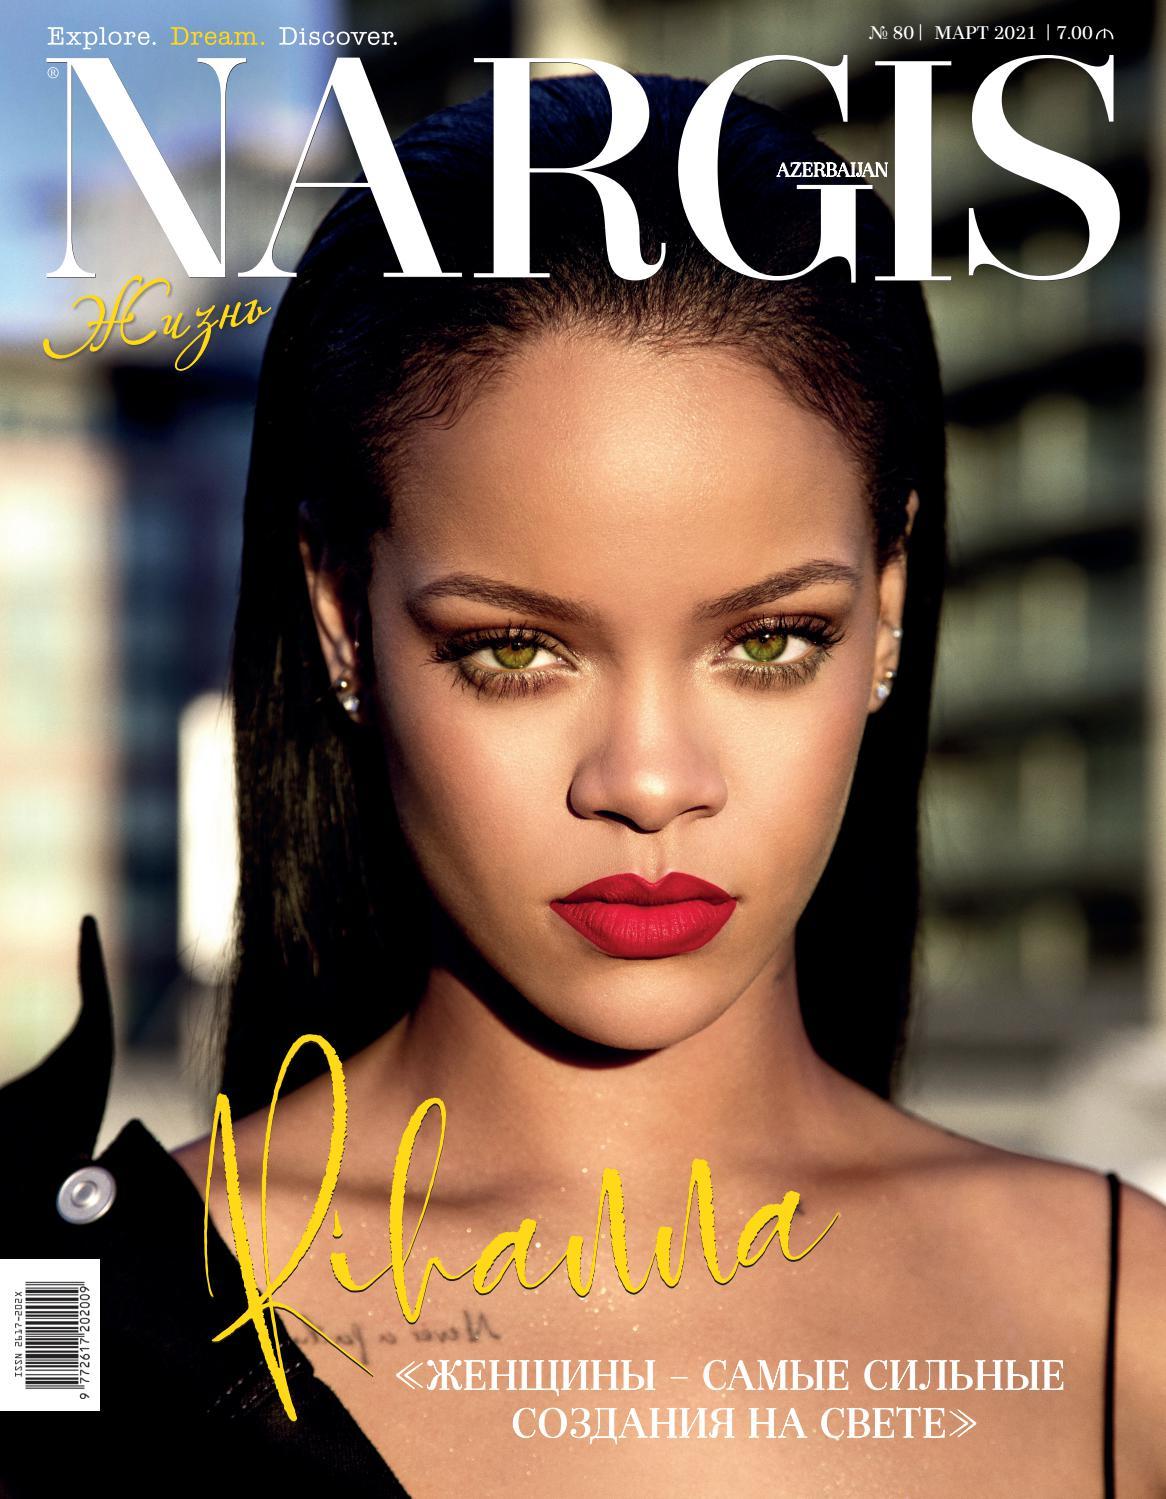 Читать журнал Nargis №80, март 2021